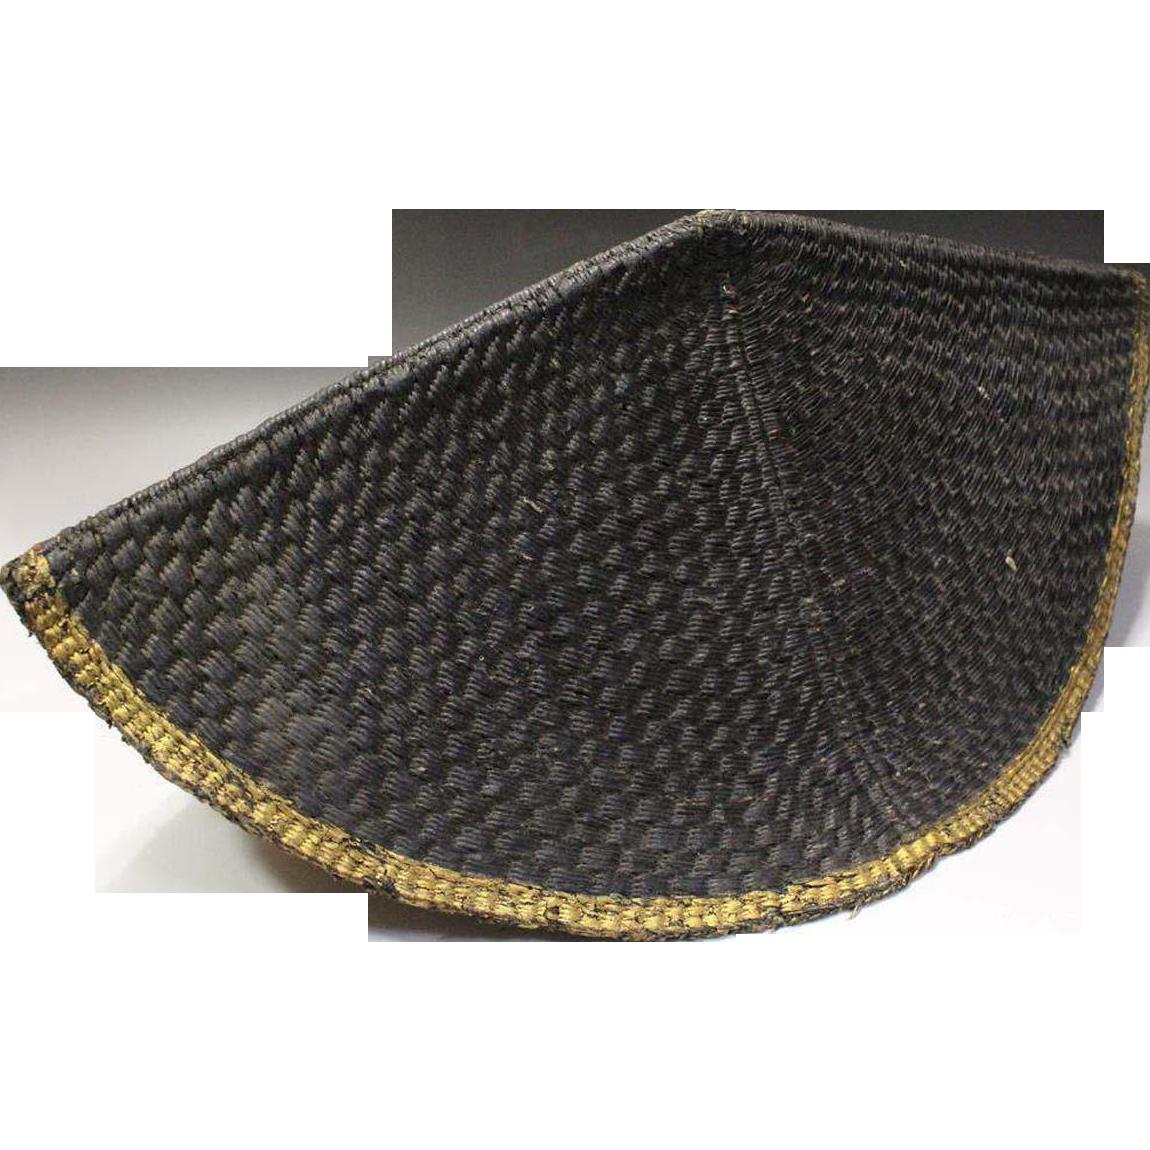 Japanese Antique Edo Nirayama Jingasa Soldier's Cap Yoroi